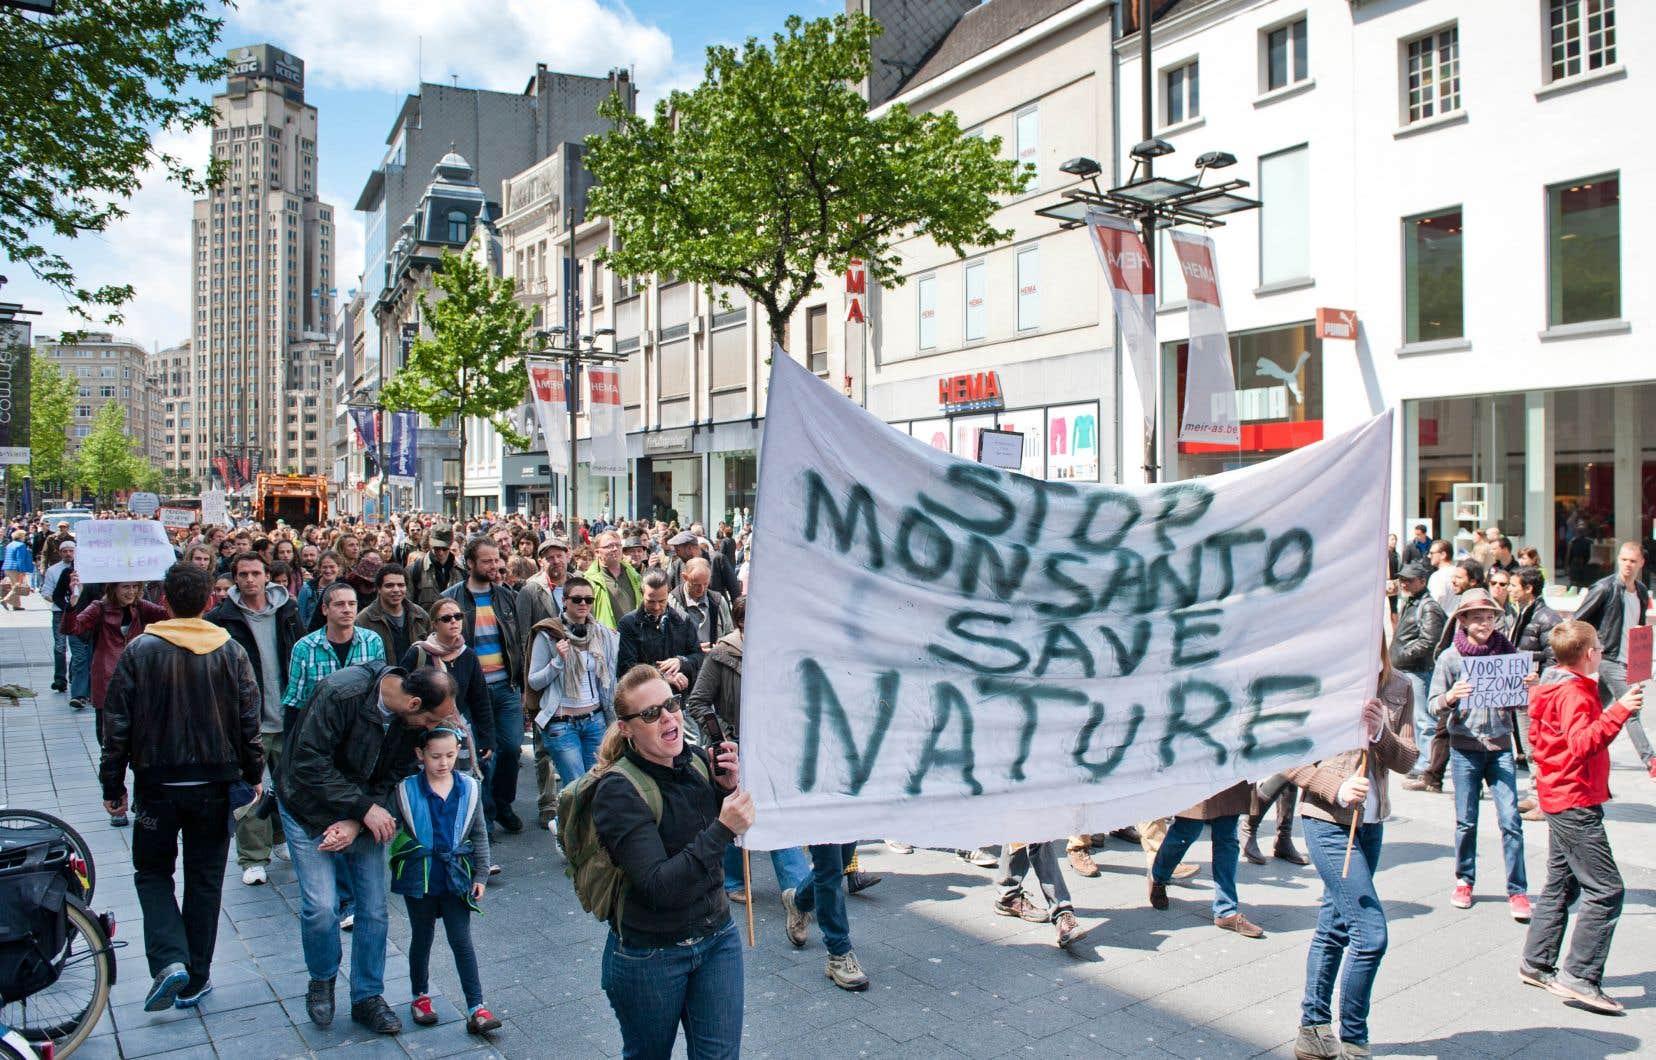 Monsanto a été mêlée à toute une série de procédures judiciaires autour de scandales sanitaires et de nuisances à l'environnement.